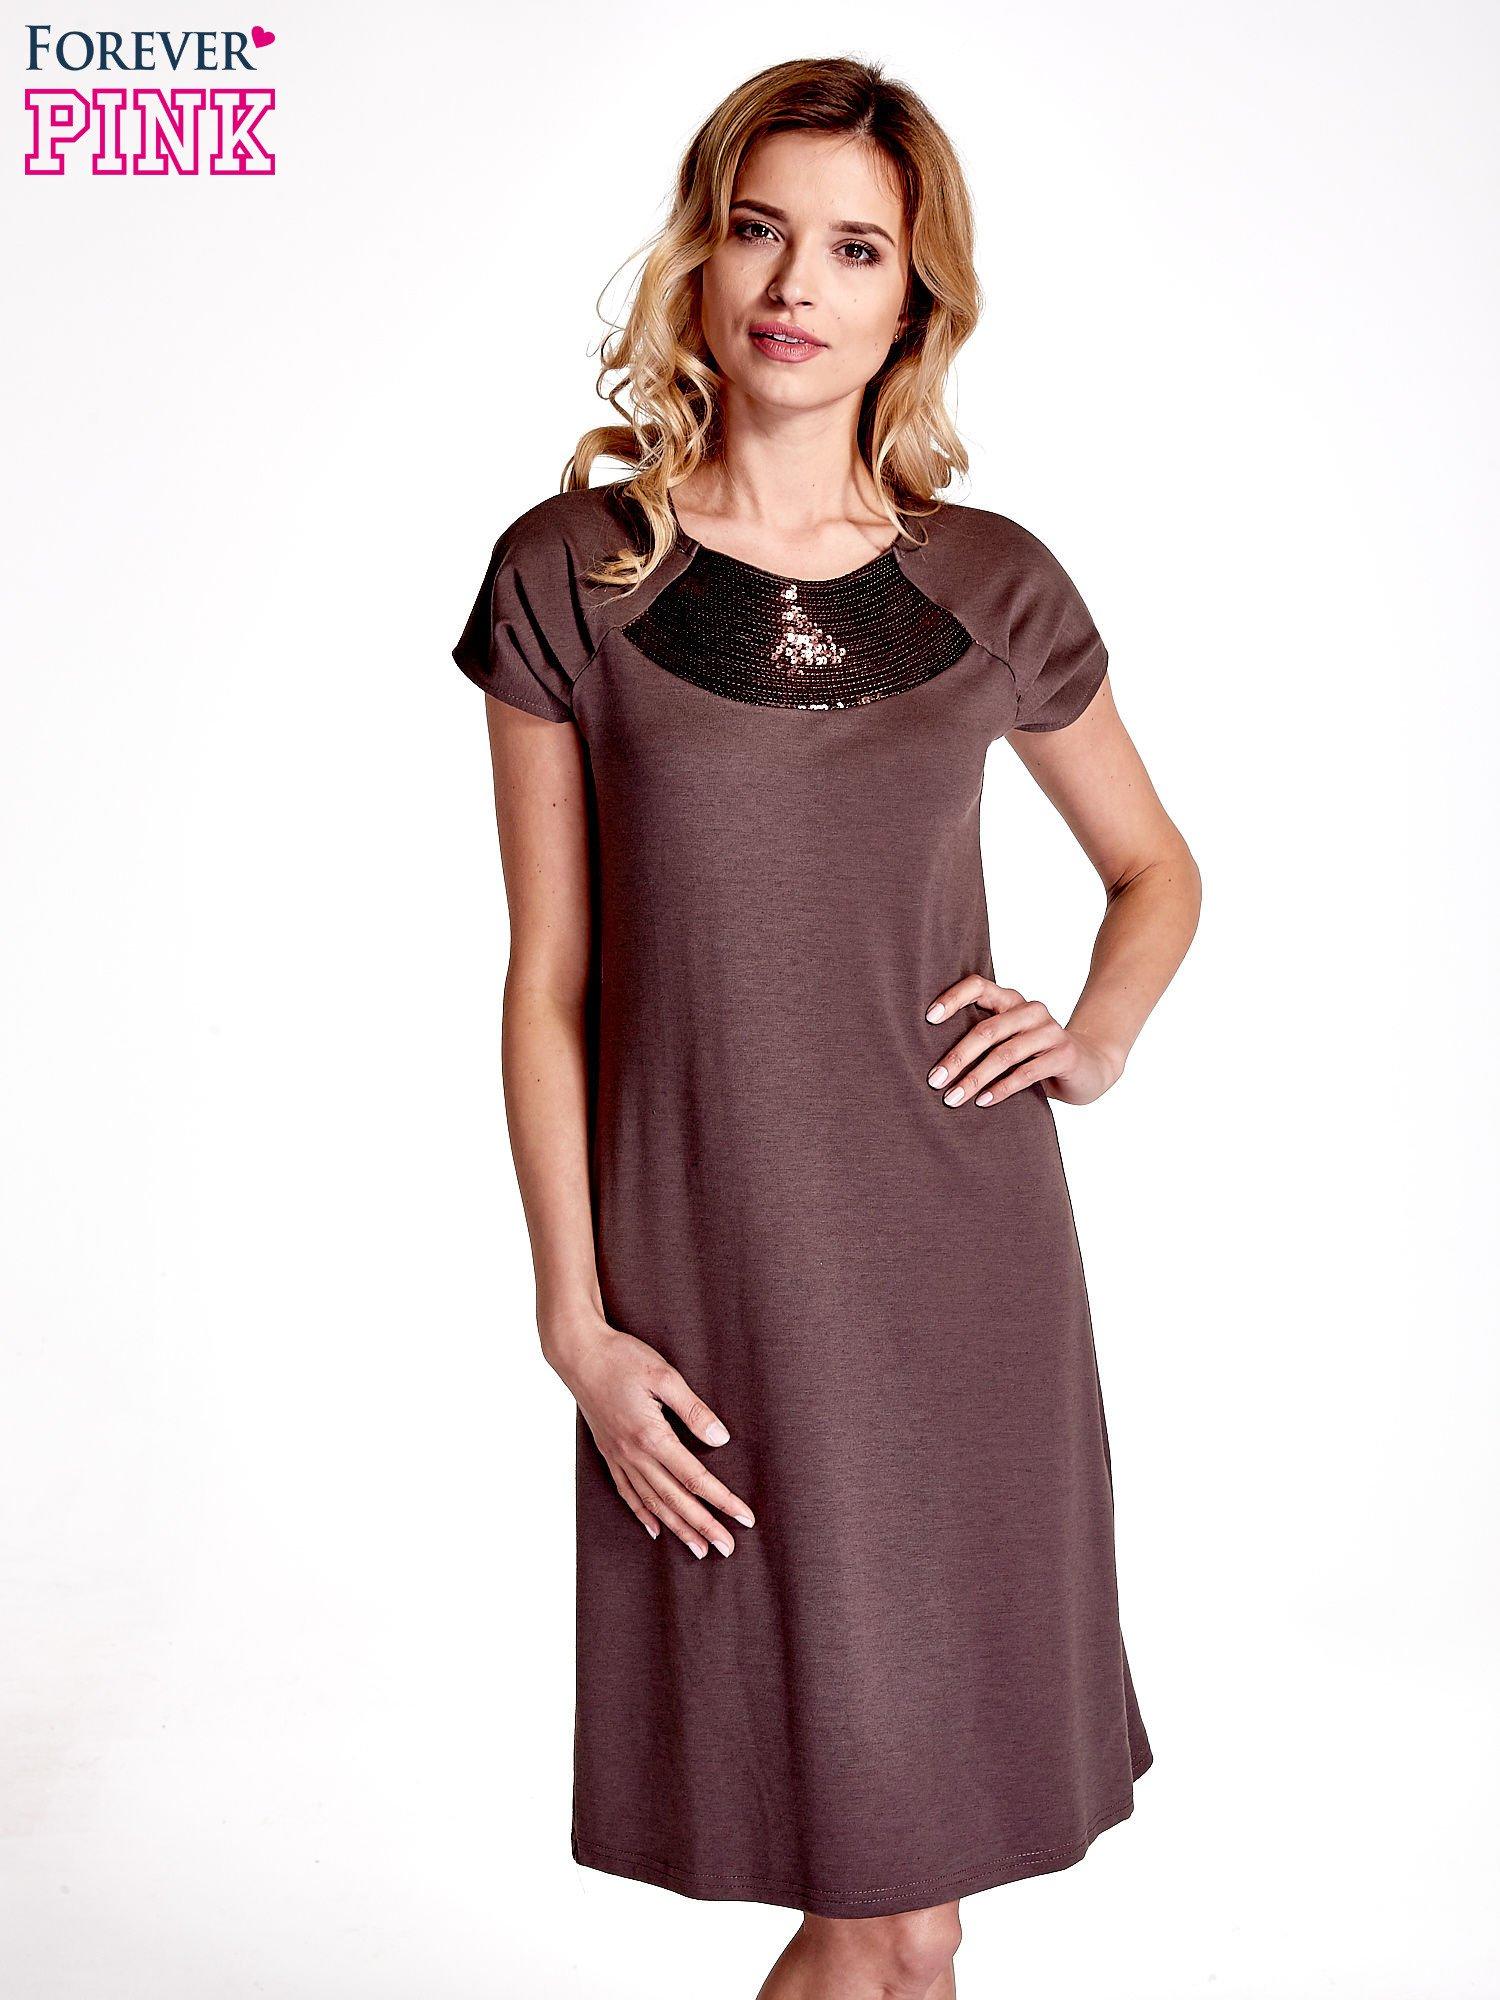 Brązowa sukienka z cekinowym wykończeniem przy dekolcie                                  zdj.                                  1